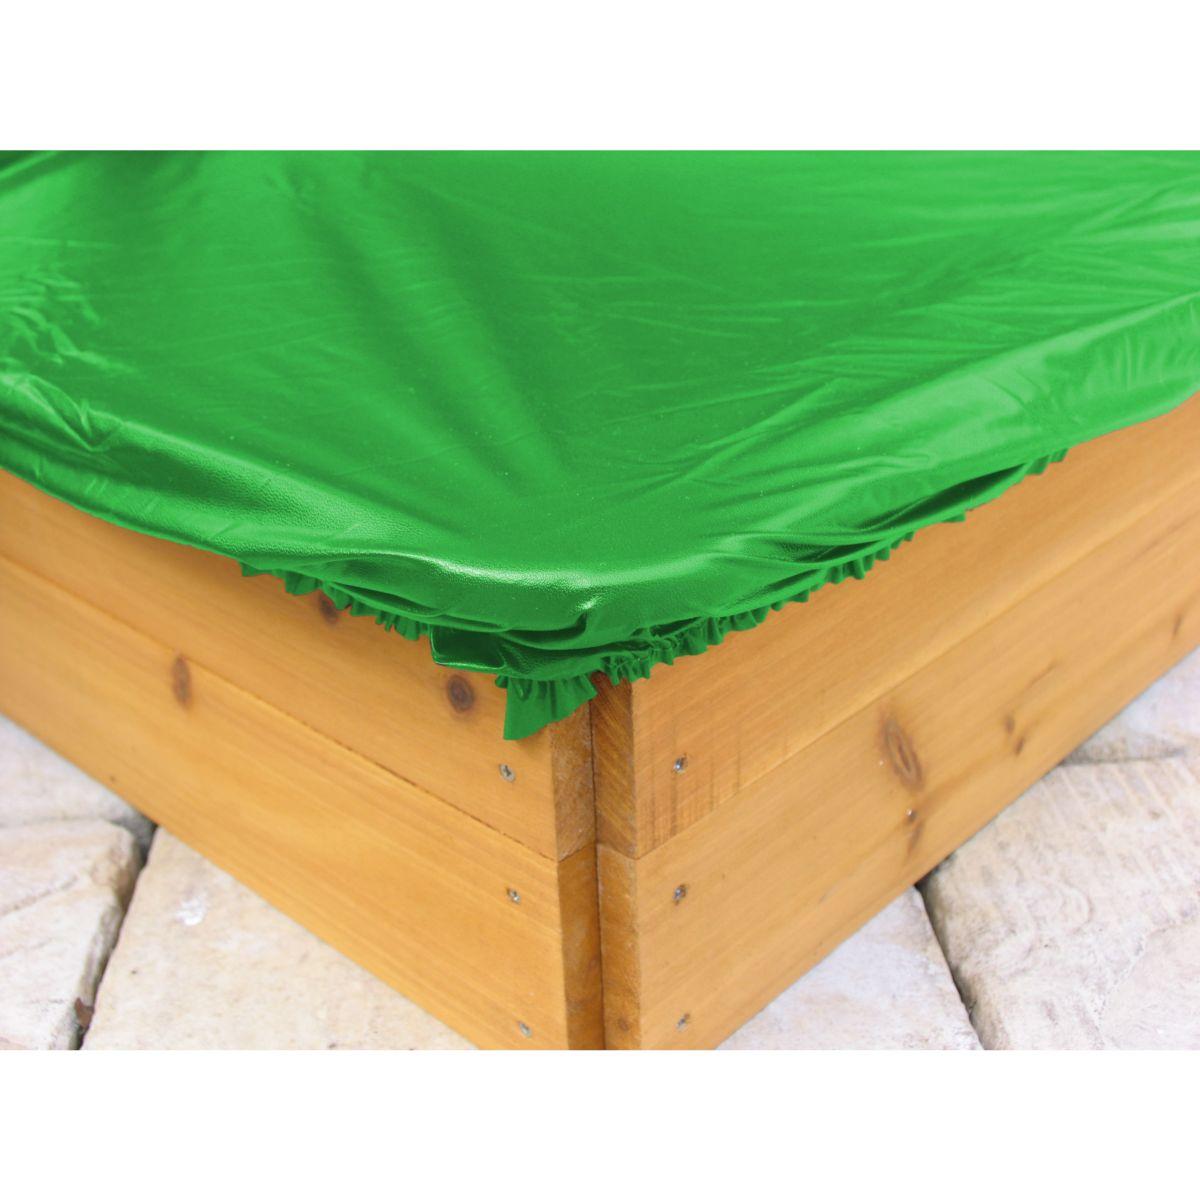 Grasekamp Sandkastenabdeckung Plane für Sandkasten sechseckig Ø 190cm PVC Grün jetztbilligerkaufen